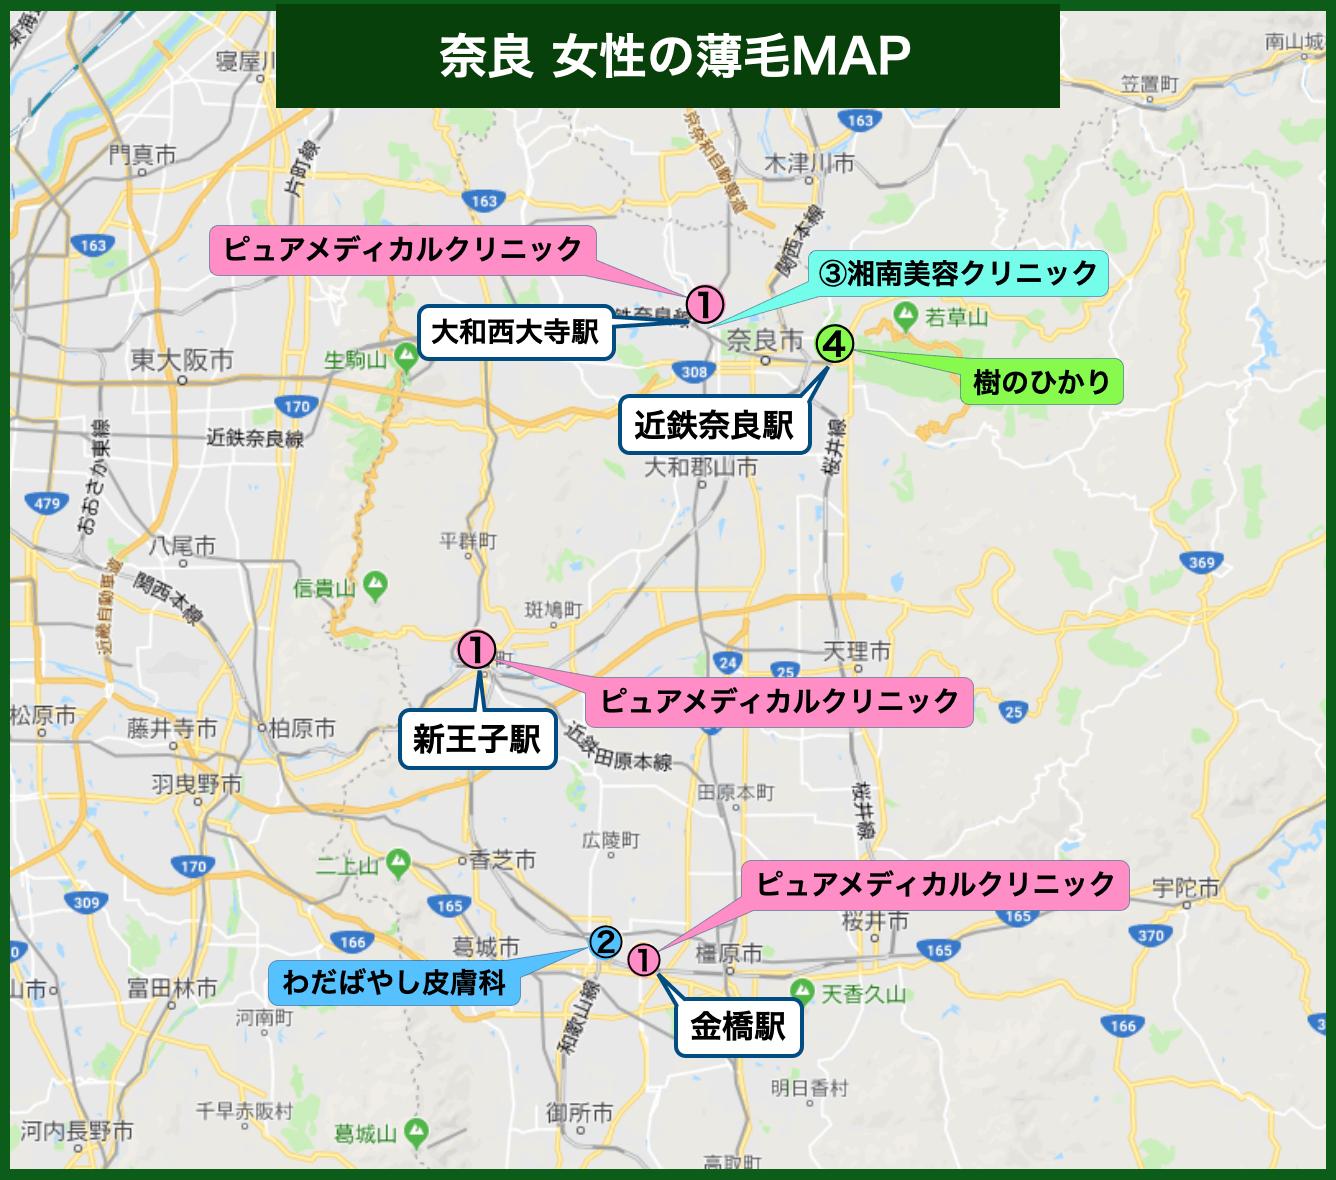 奈良 女性の薄毛MAP